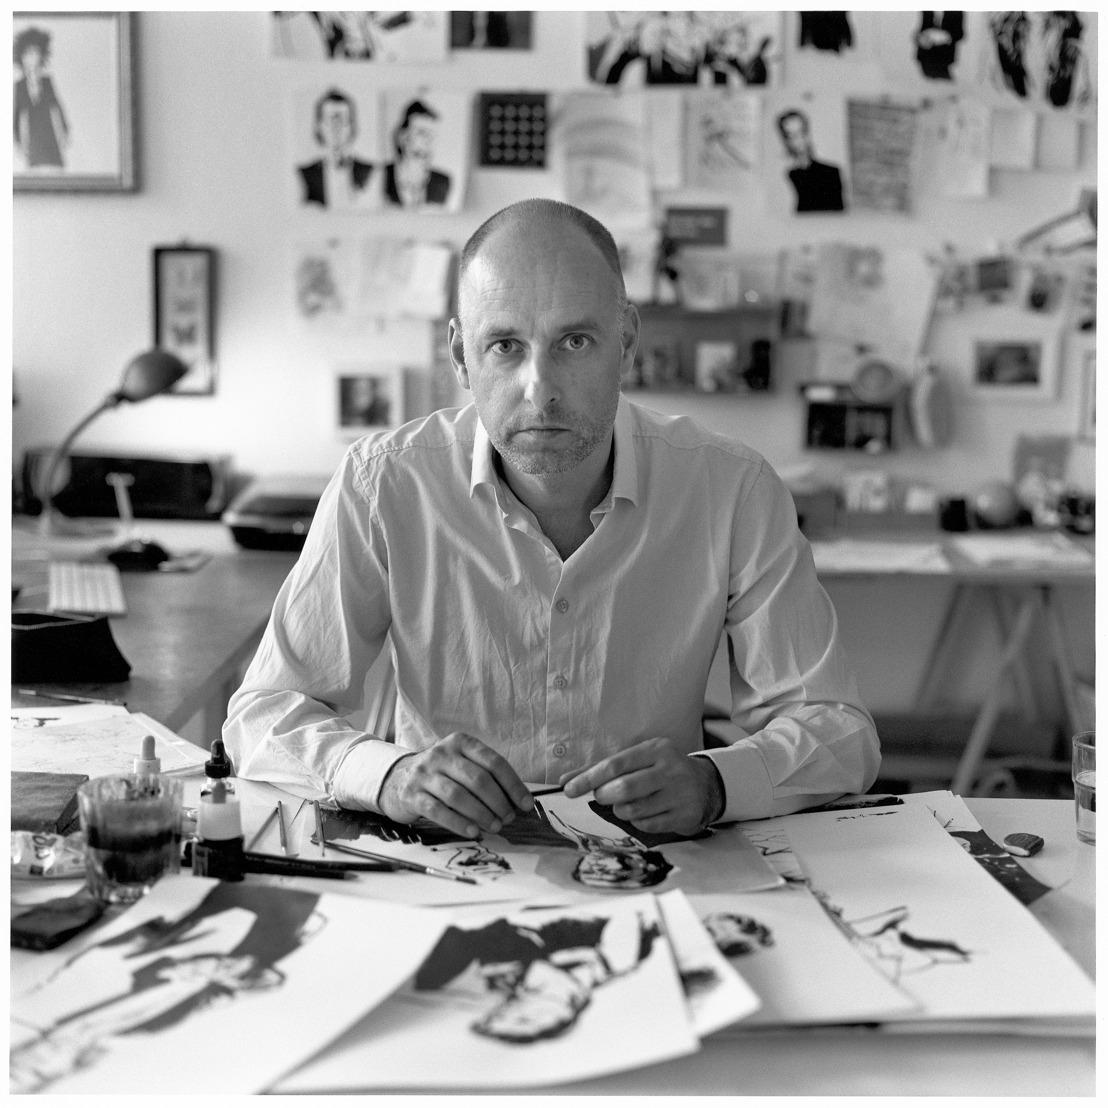 Einladung: Signierstunde von Comic-Künstler Reinhard Kleist bei Hugendubel am Stachus